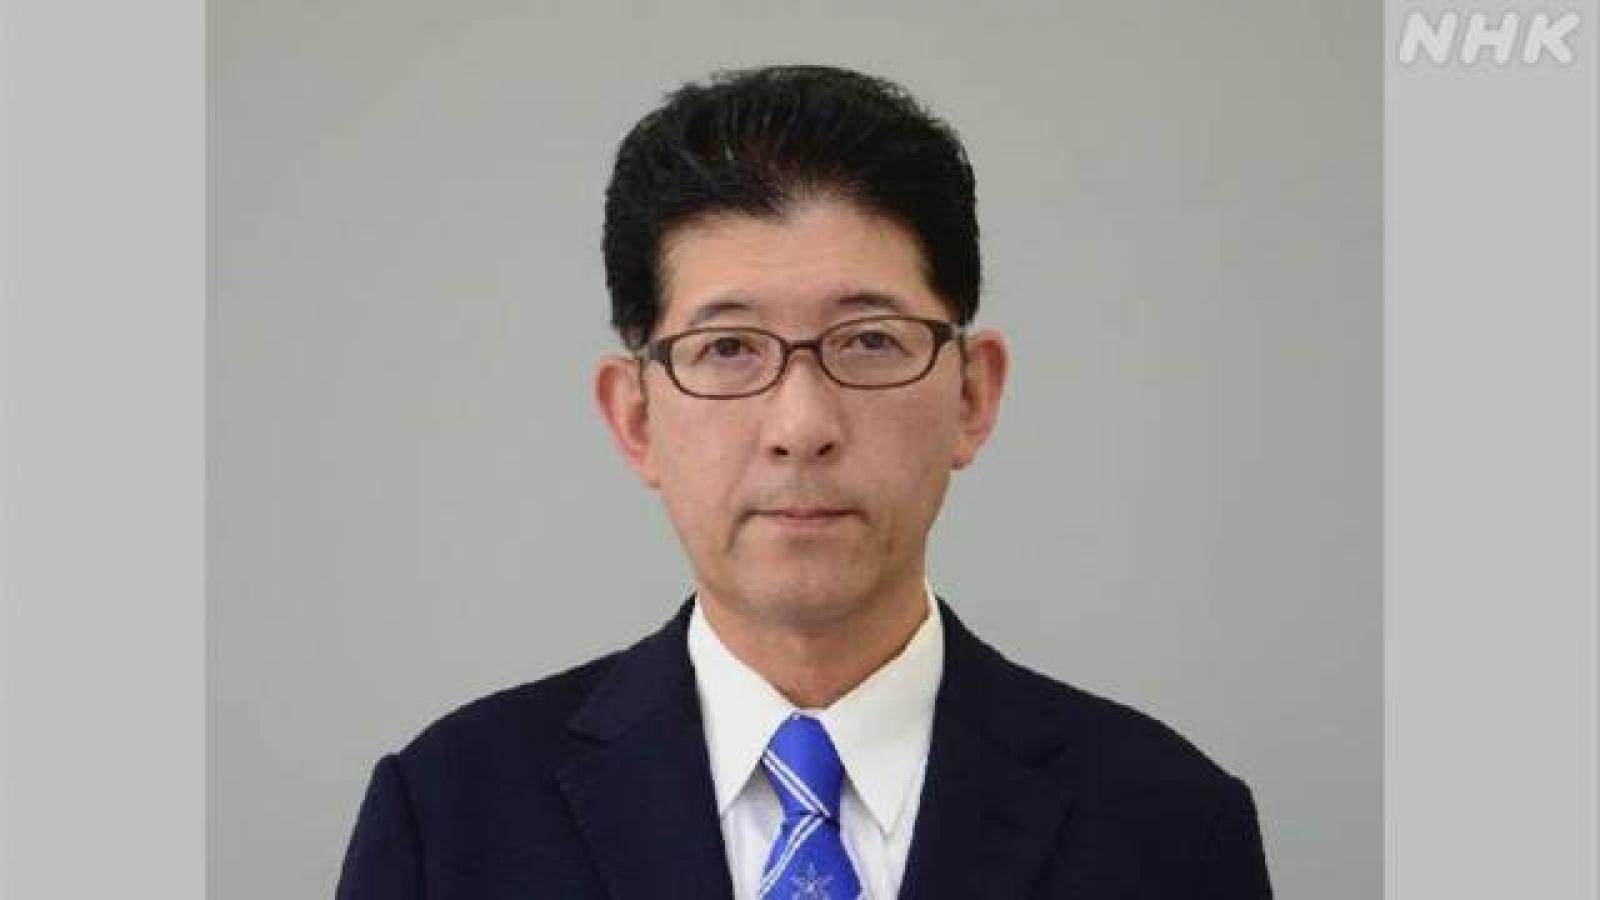 Hạ Nghị sĩ tham gia vào bầu cử Thủ tướng Nhật Bản bị mắc Covid-19